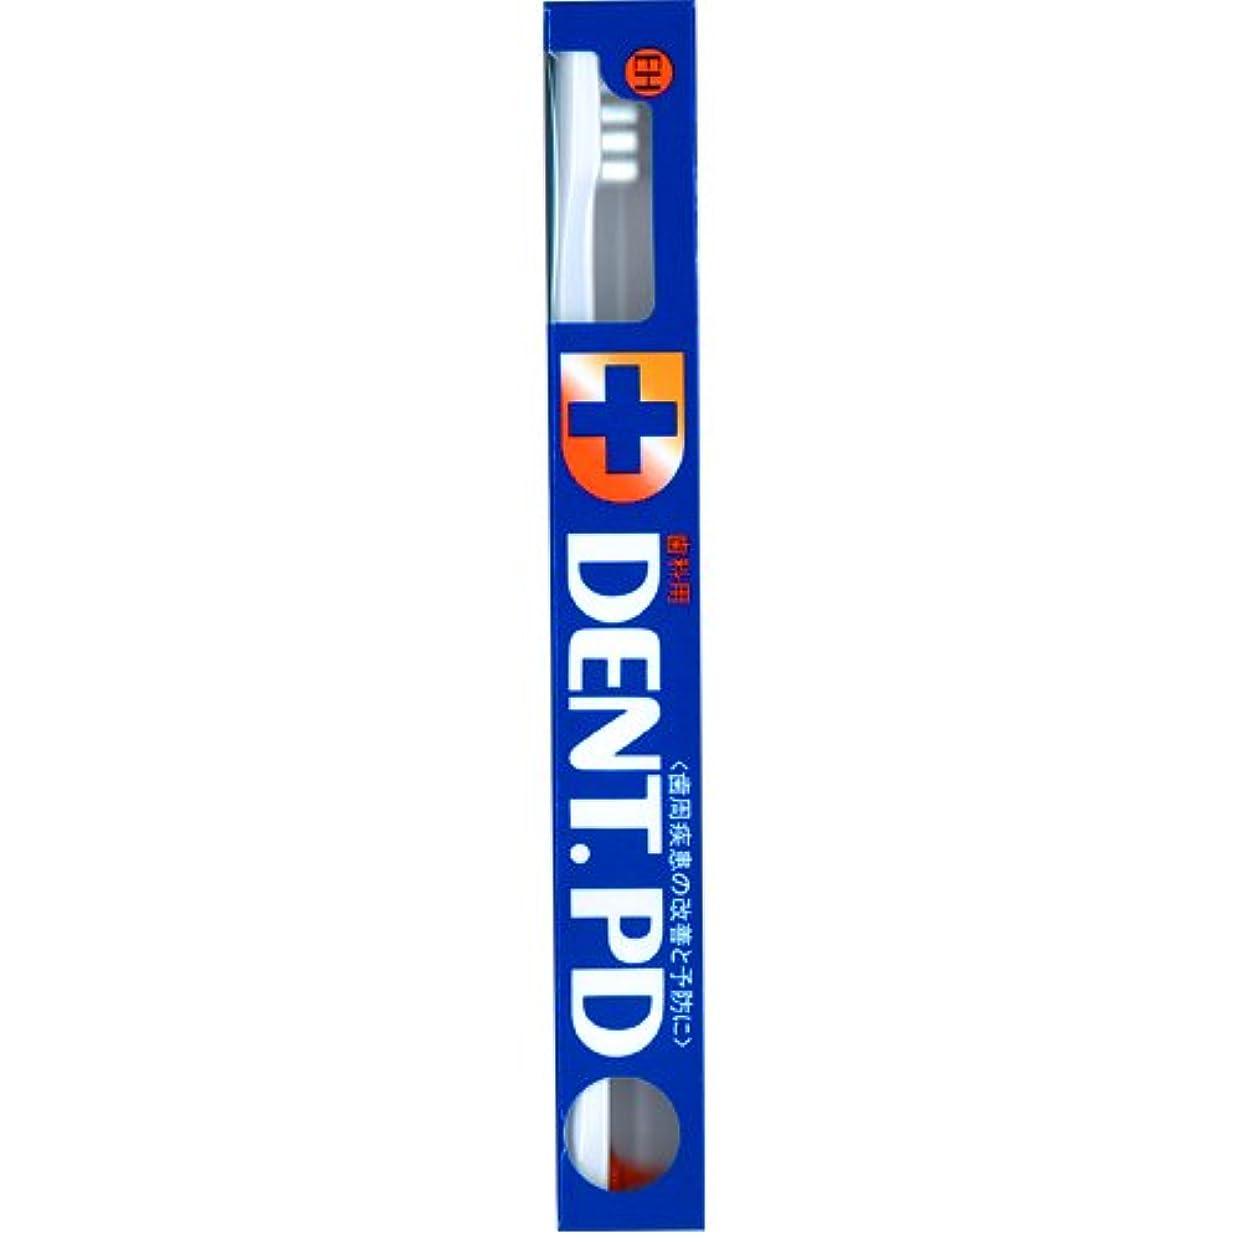 シリーズ対話付き添い人ライオン DENT.PD歯ブラシ 1本 EH (ホワイト)